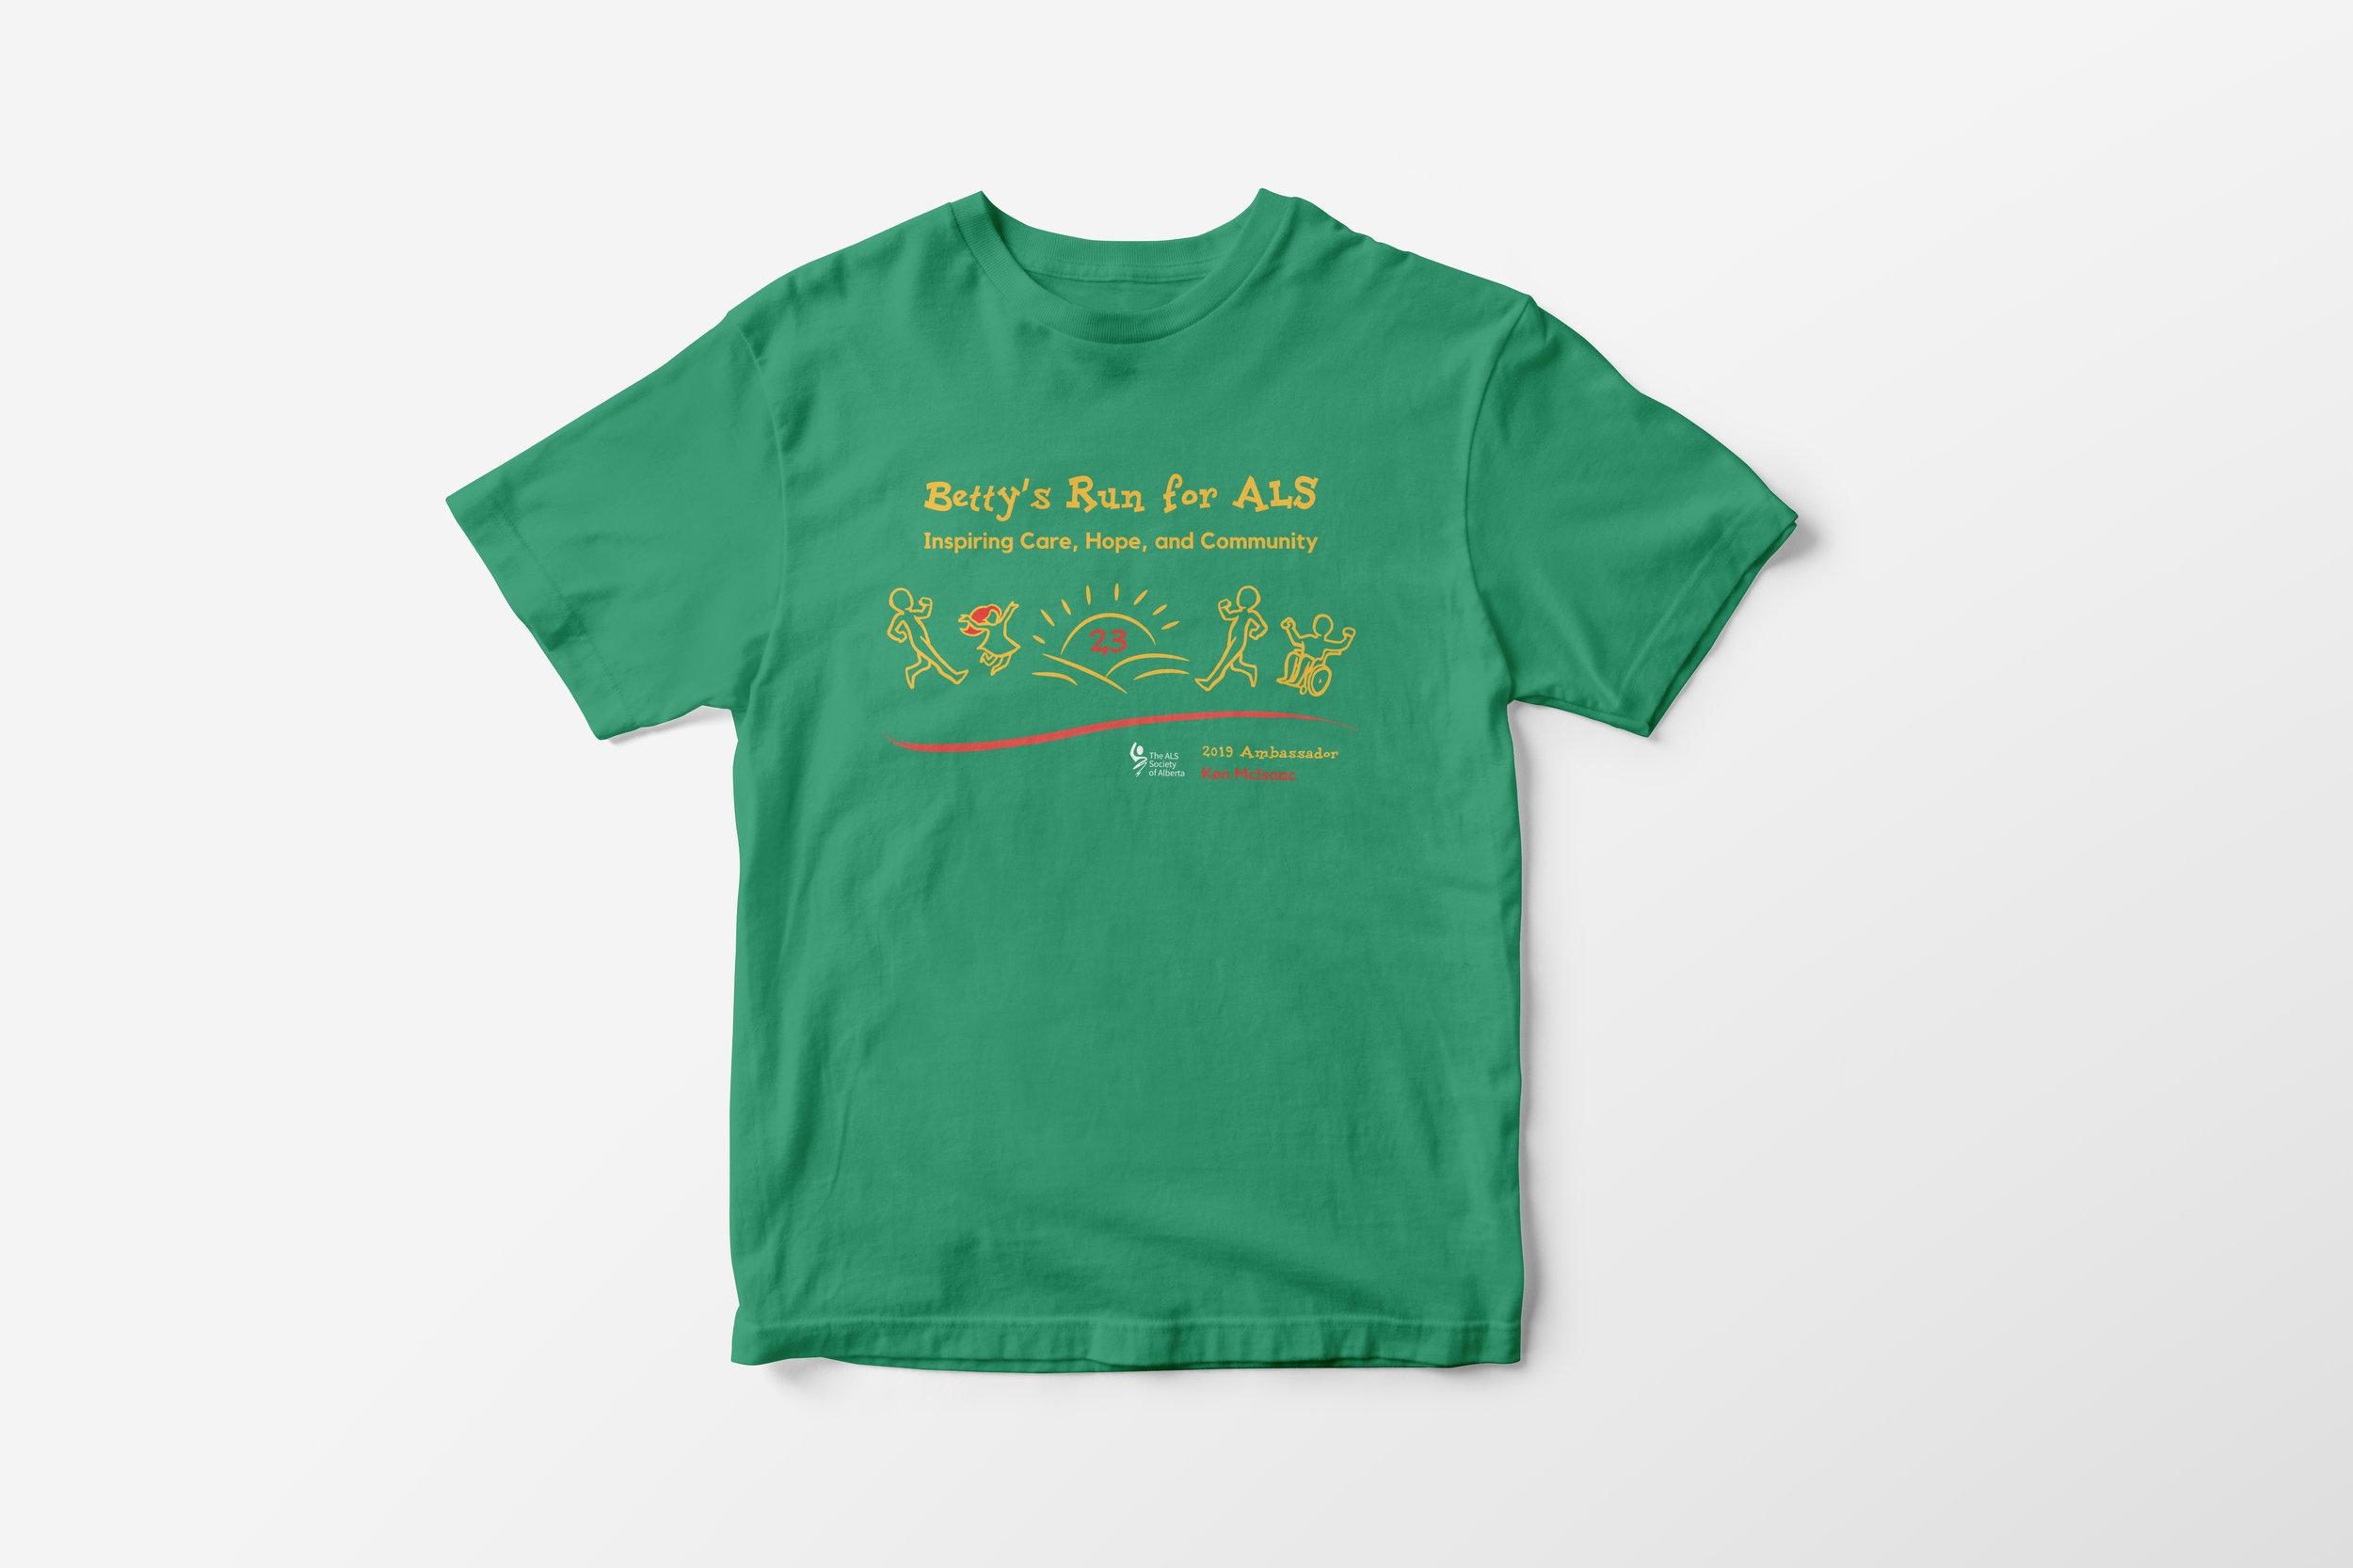 als-shirt-2.jpg